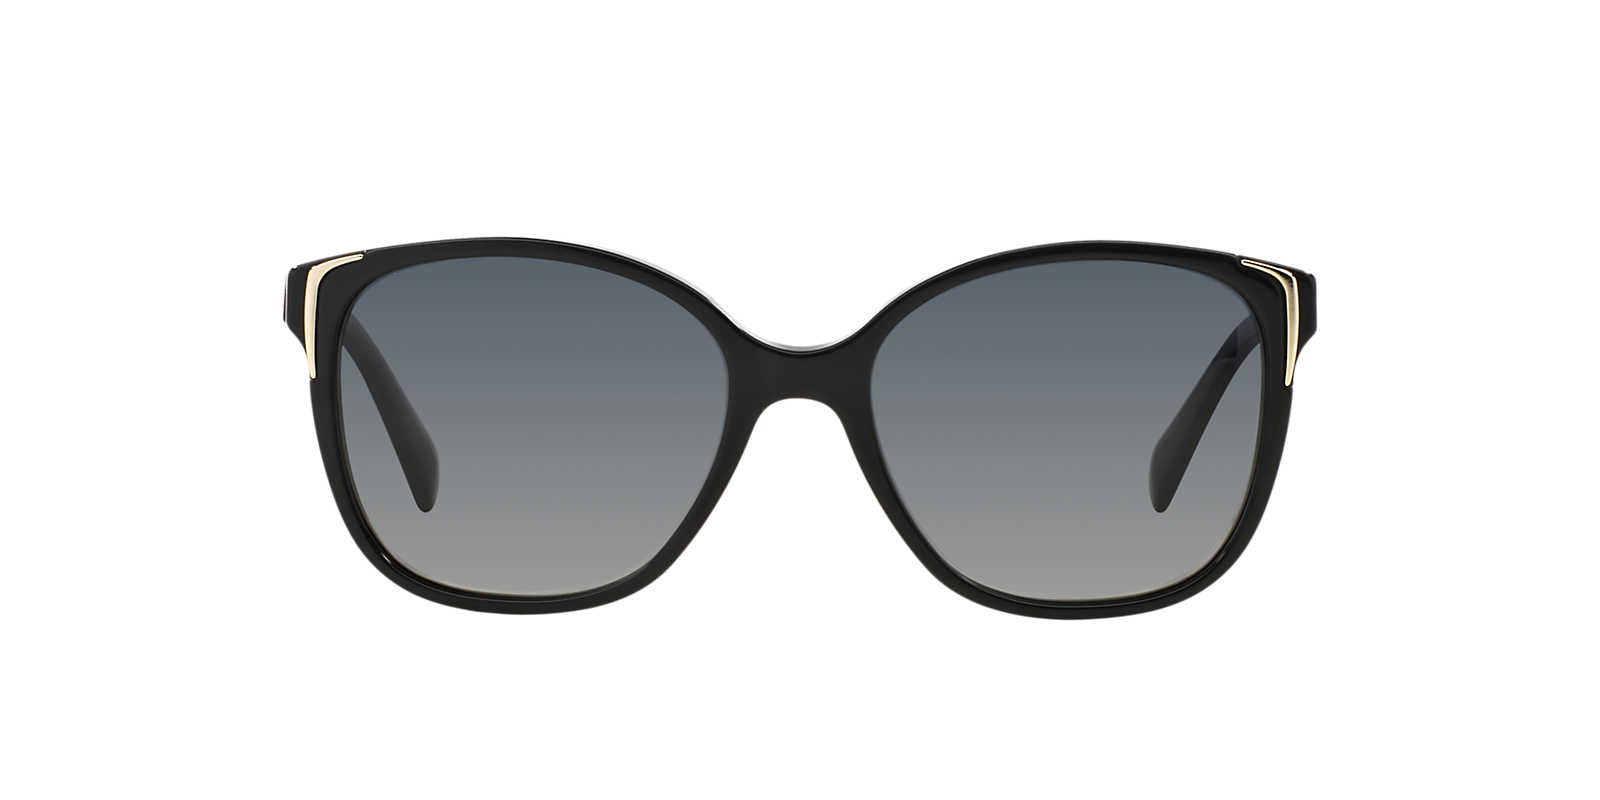 image: prada sunglasses [4]